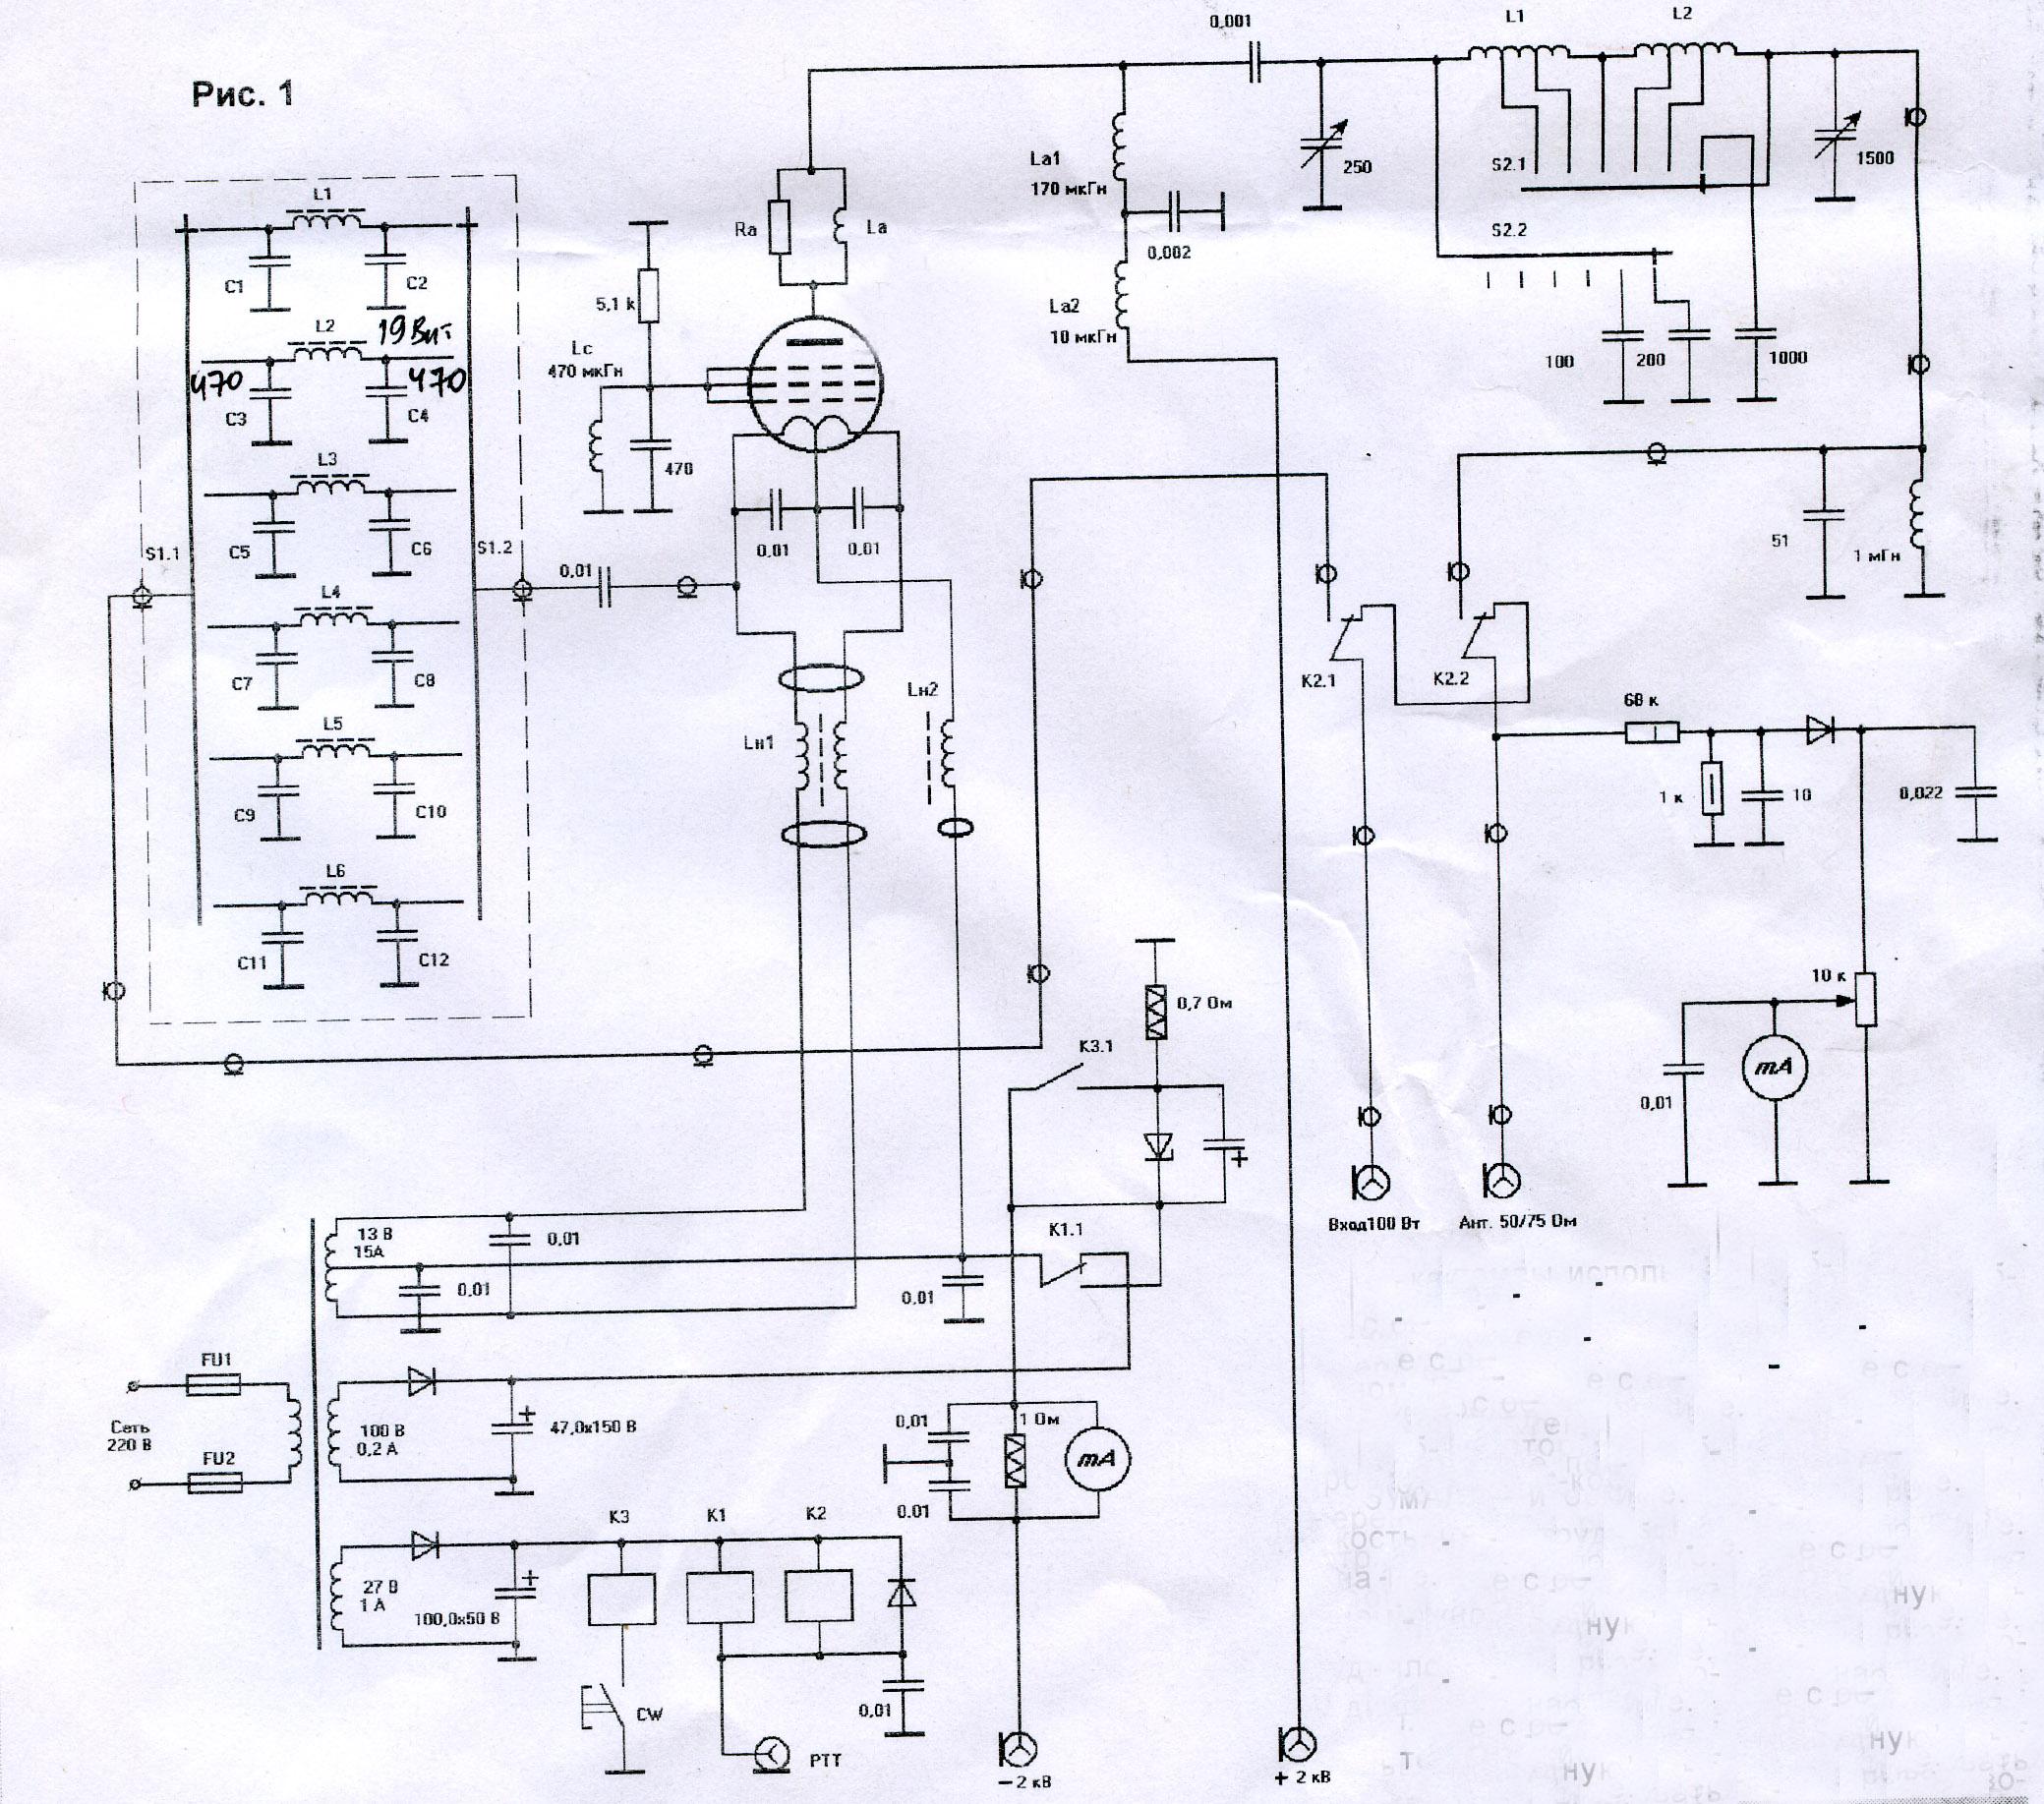 усилитель на гу 81м схема